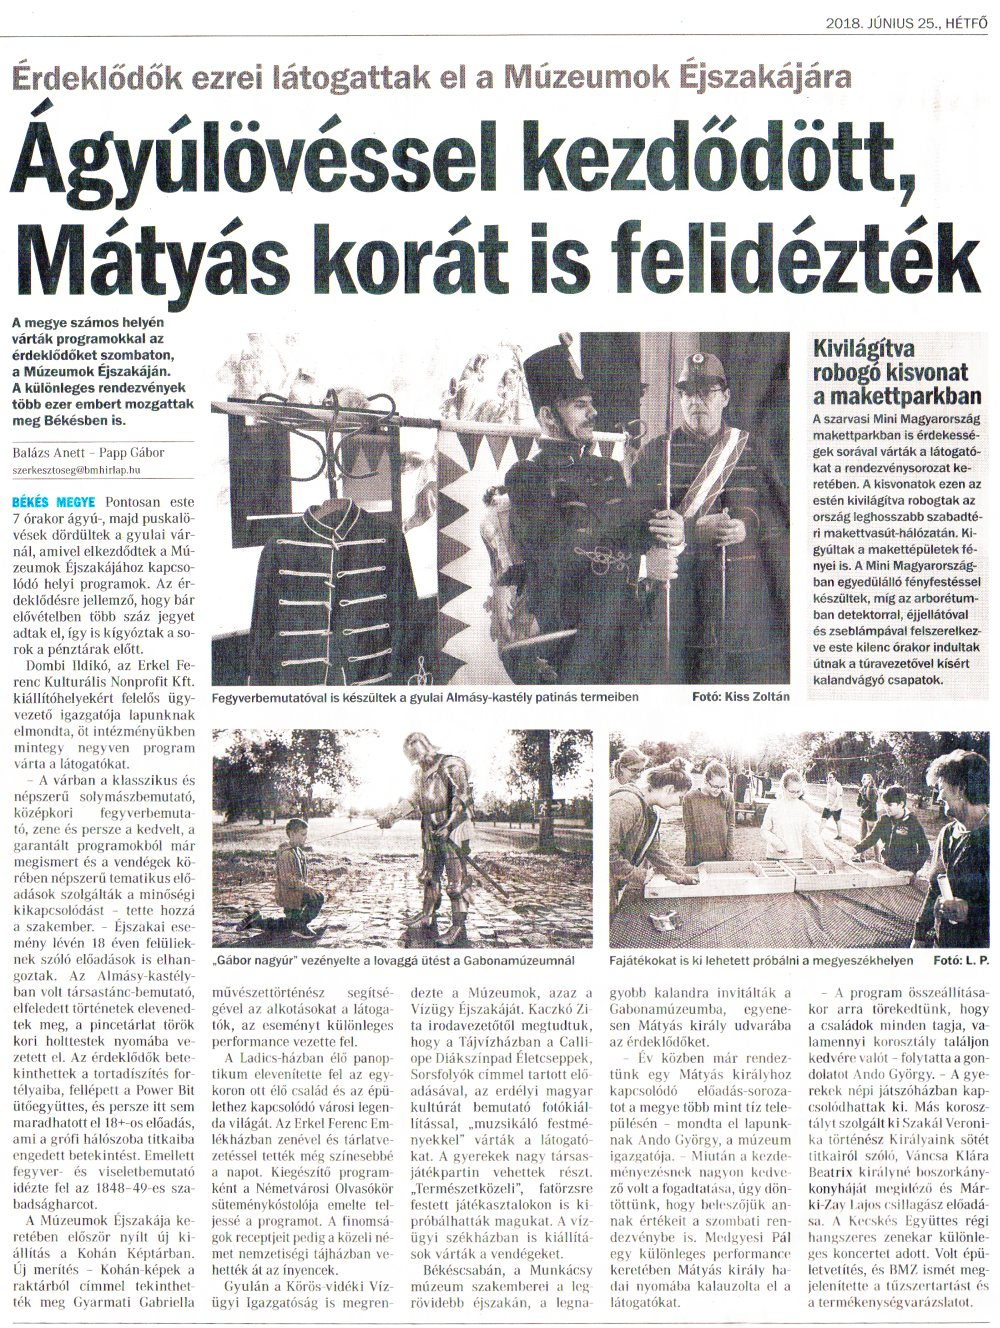 Békés Megyei Hírlap - Ágyúlövéssel kezdődött, Mátyás korát is felidézték - 2018.06.25.